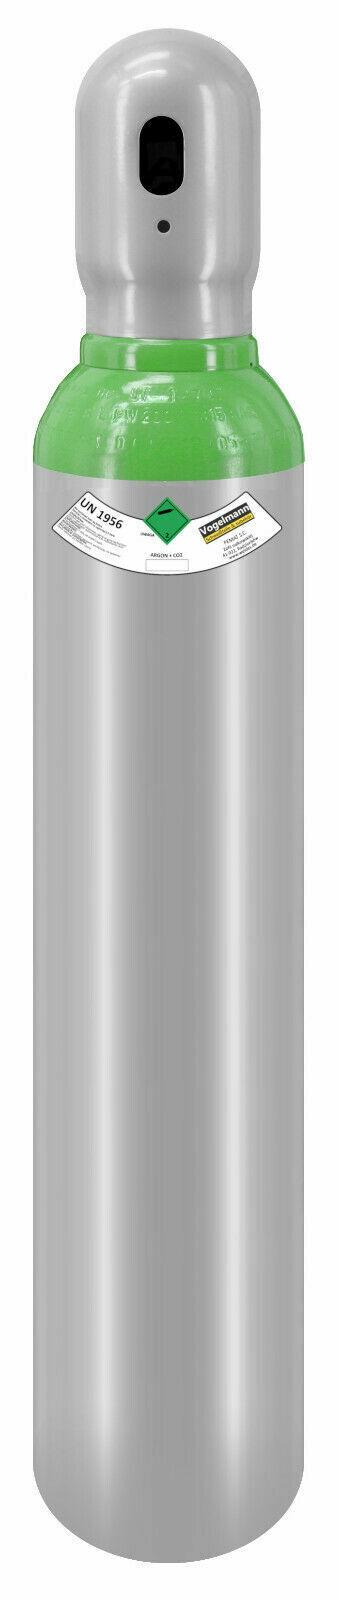 Gasflasche 8 Liter ARGON (82%) + CO2 (18%) Schutzgas Schweißgas MIG fabrikneu